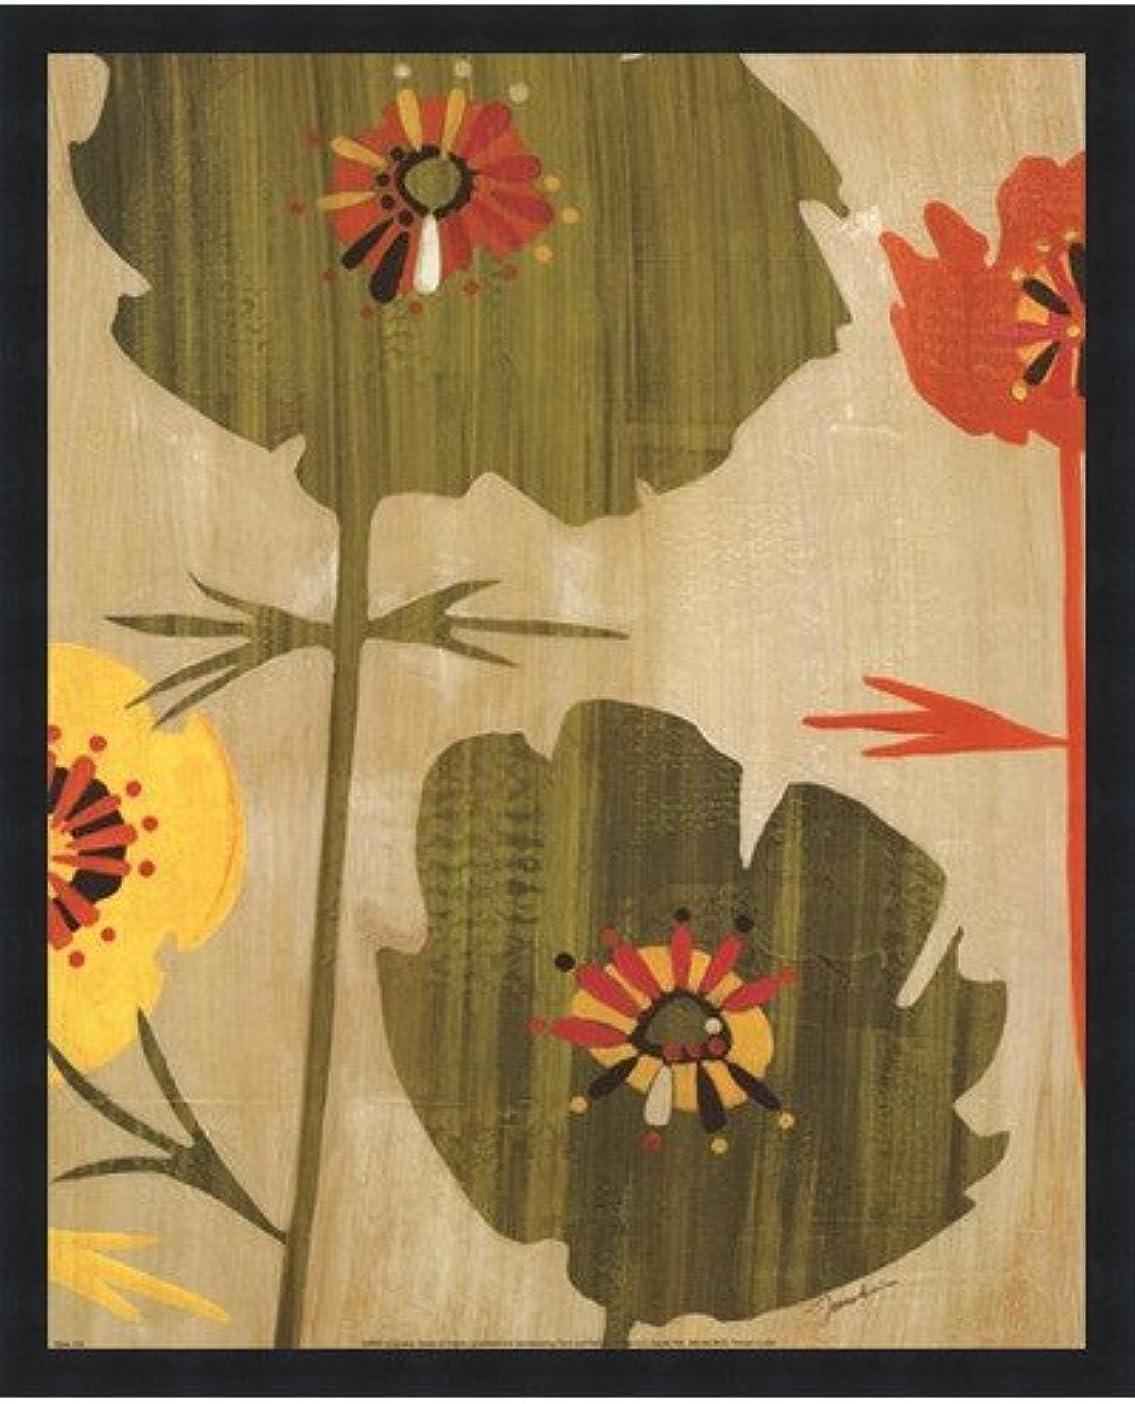 晩餐不完全インカ帝国エデンの園I by Liz Jardine – 16 x 20インチ – アートプリントポスター 16 x 20インチ LE_659993-F101-16x20